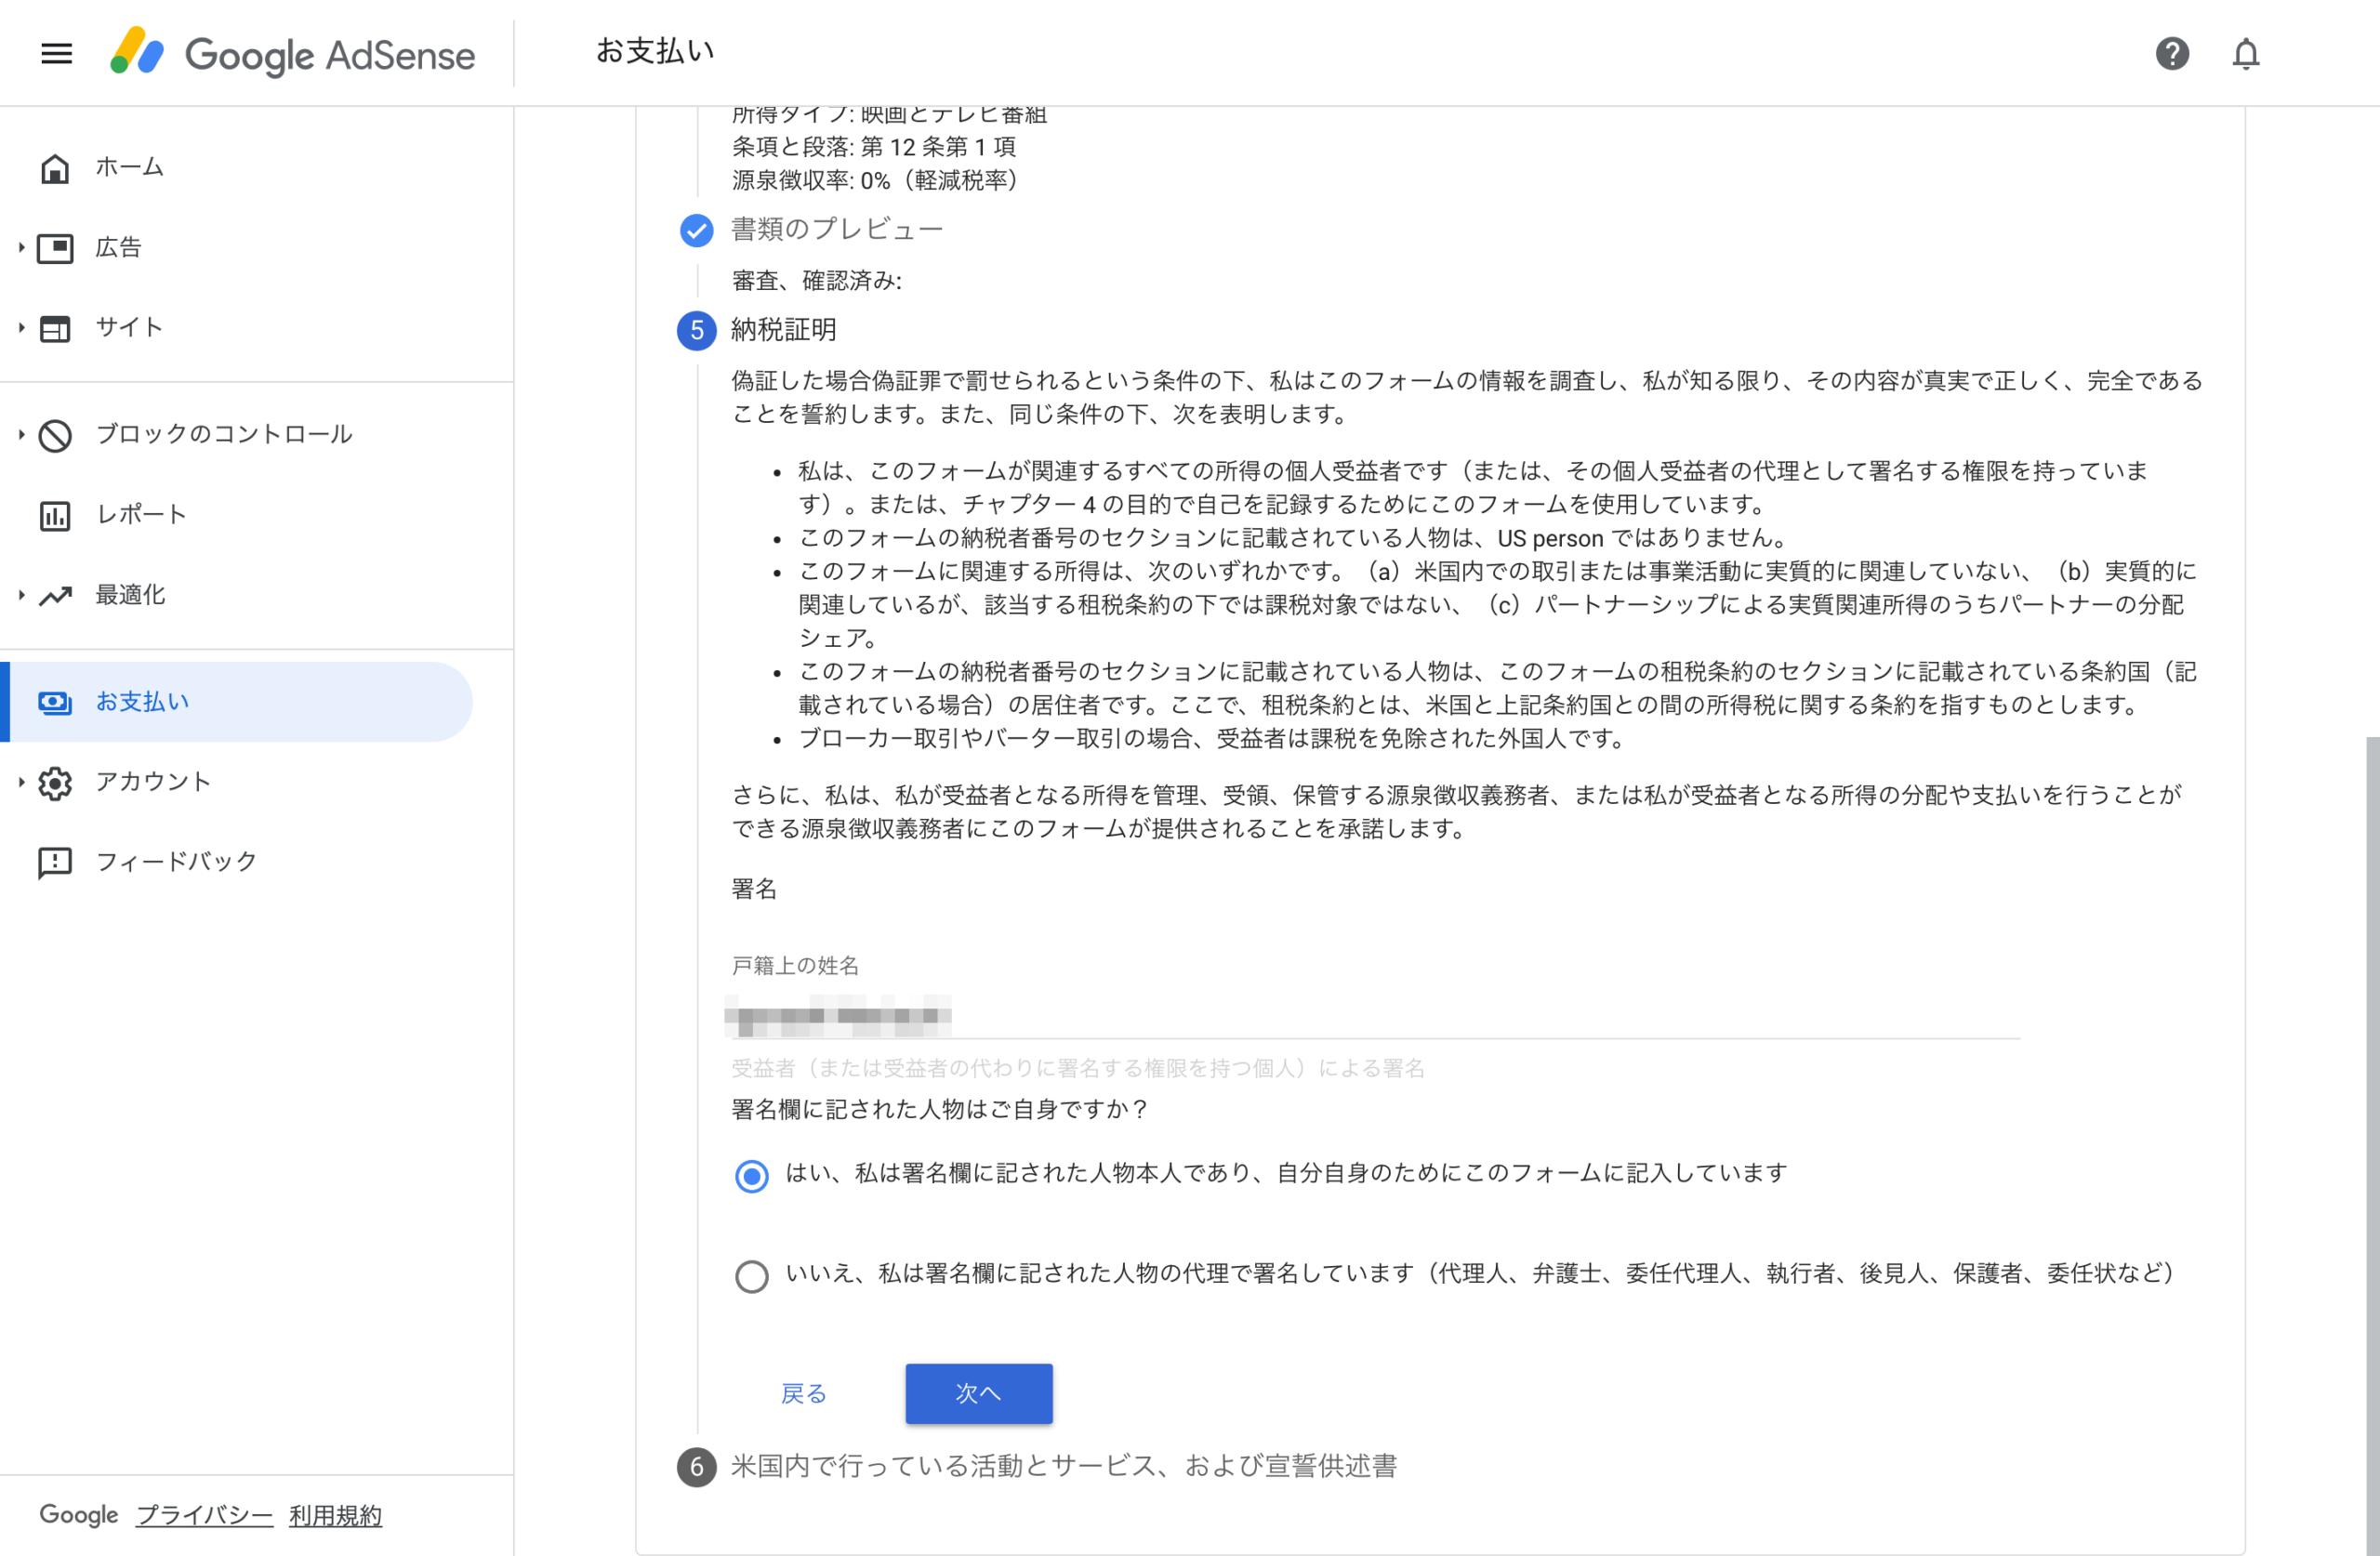 AdSense(アドセンス) 税務情報提出 方法